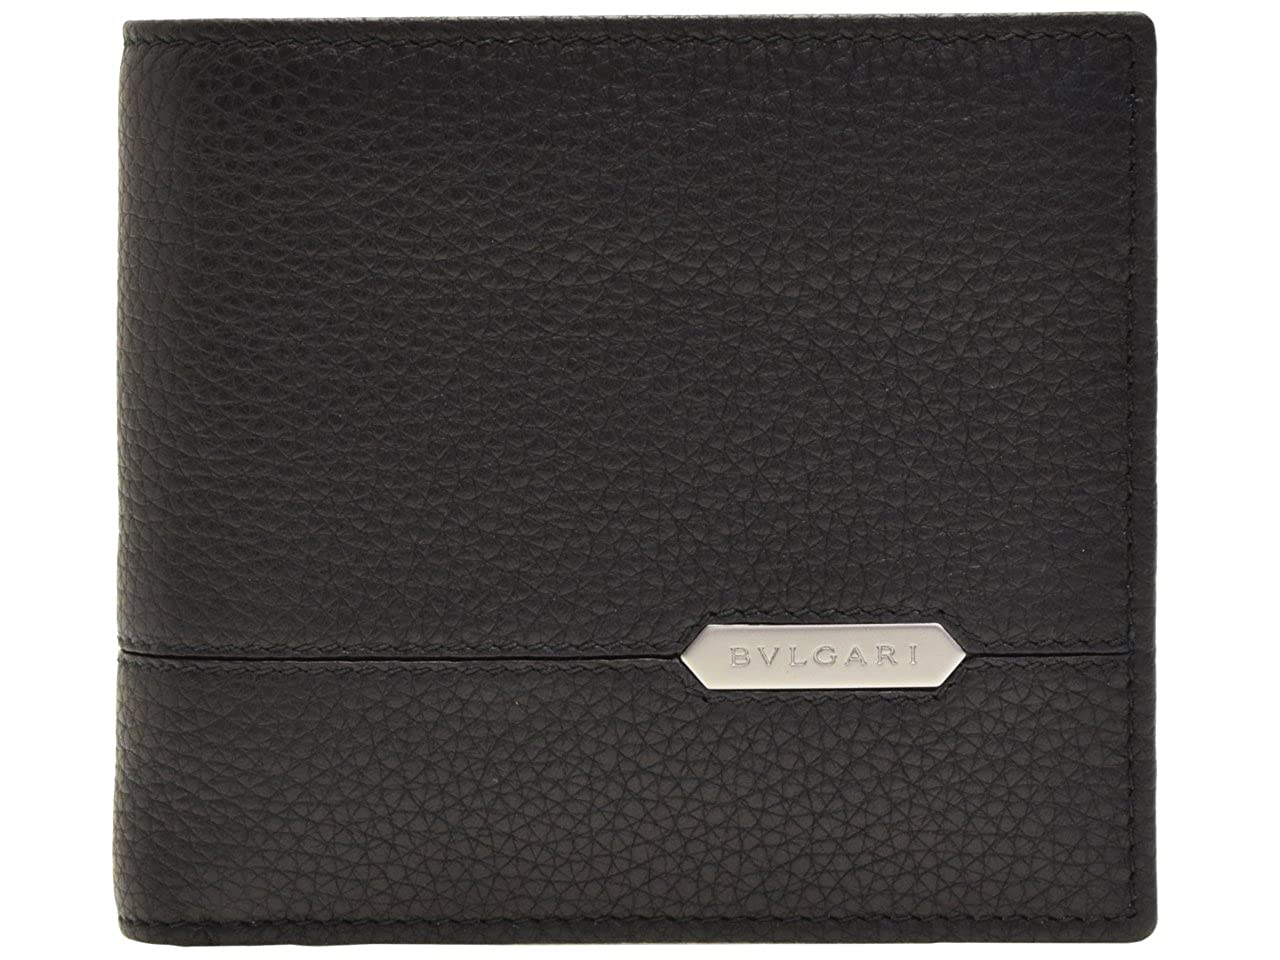 (ブルガリ) BVLGARI 財布 二つ折り メンズ 284700 アウトレット ブランド [並行輸入品] B073GMRB5F